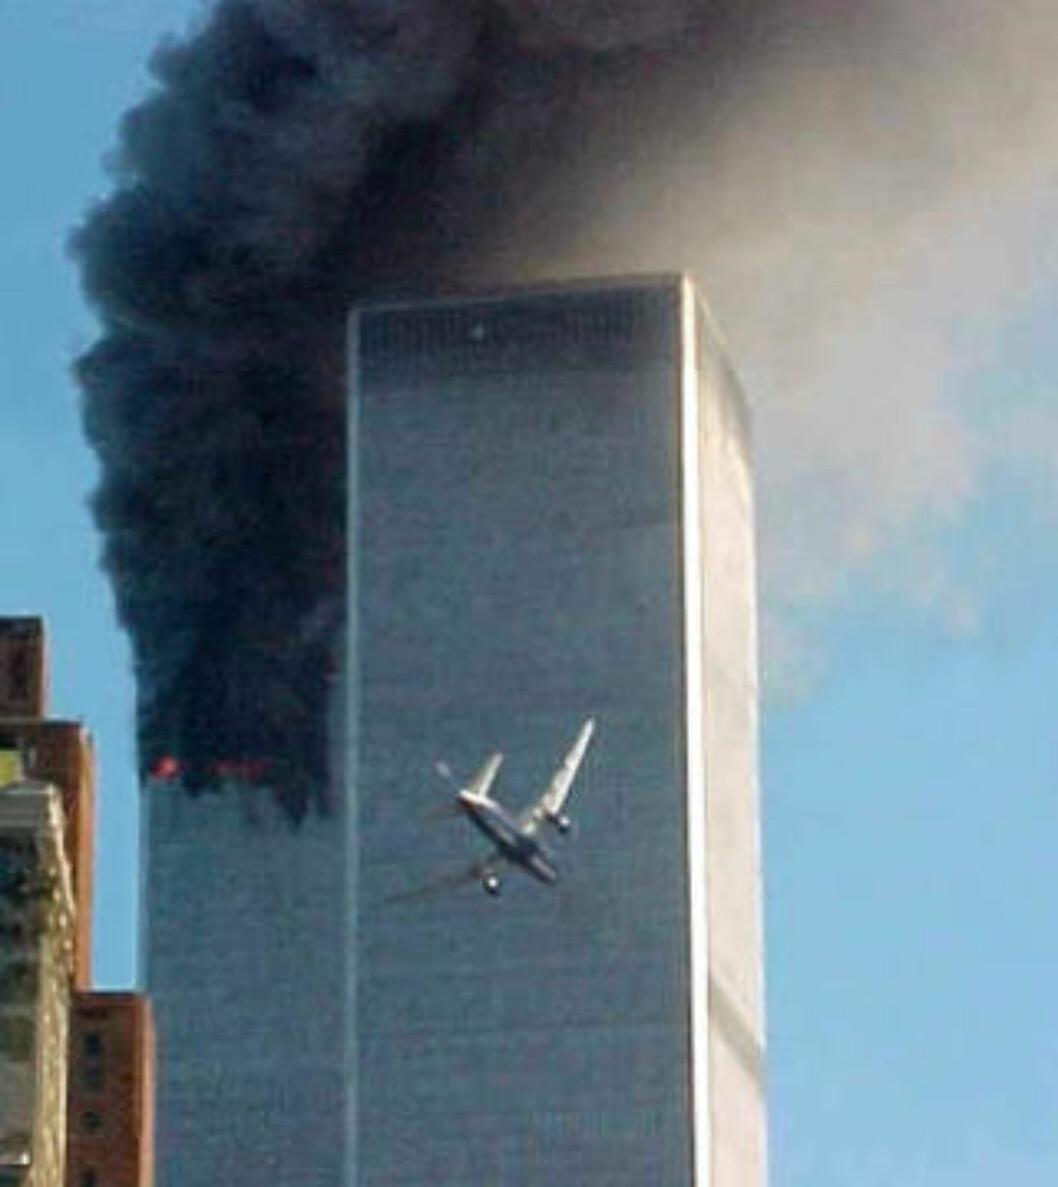 TROR IKKE AL-QAIDA STO BAK: - USA har ikke svart på de store spørsmålene. Hvem sto bak angrepet?, påstår Ghufoor Butt. Foto: SCANPIX